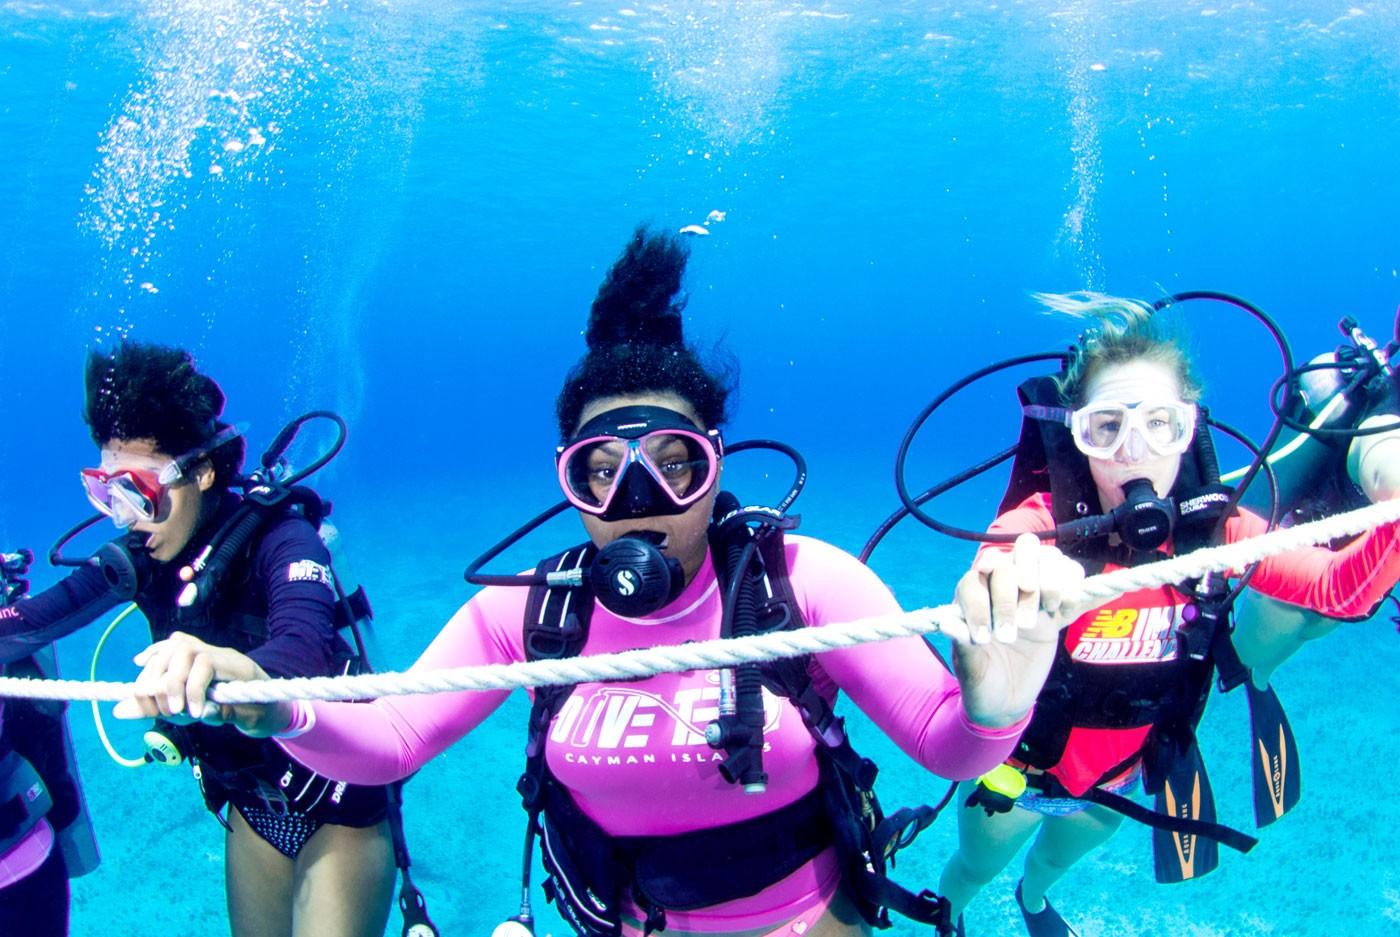 تمارين ممنوعة للحامل - الغوص تحت الماء